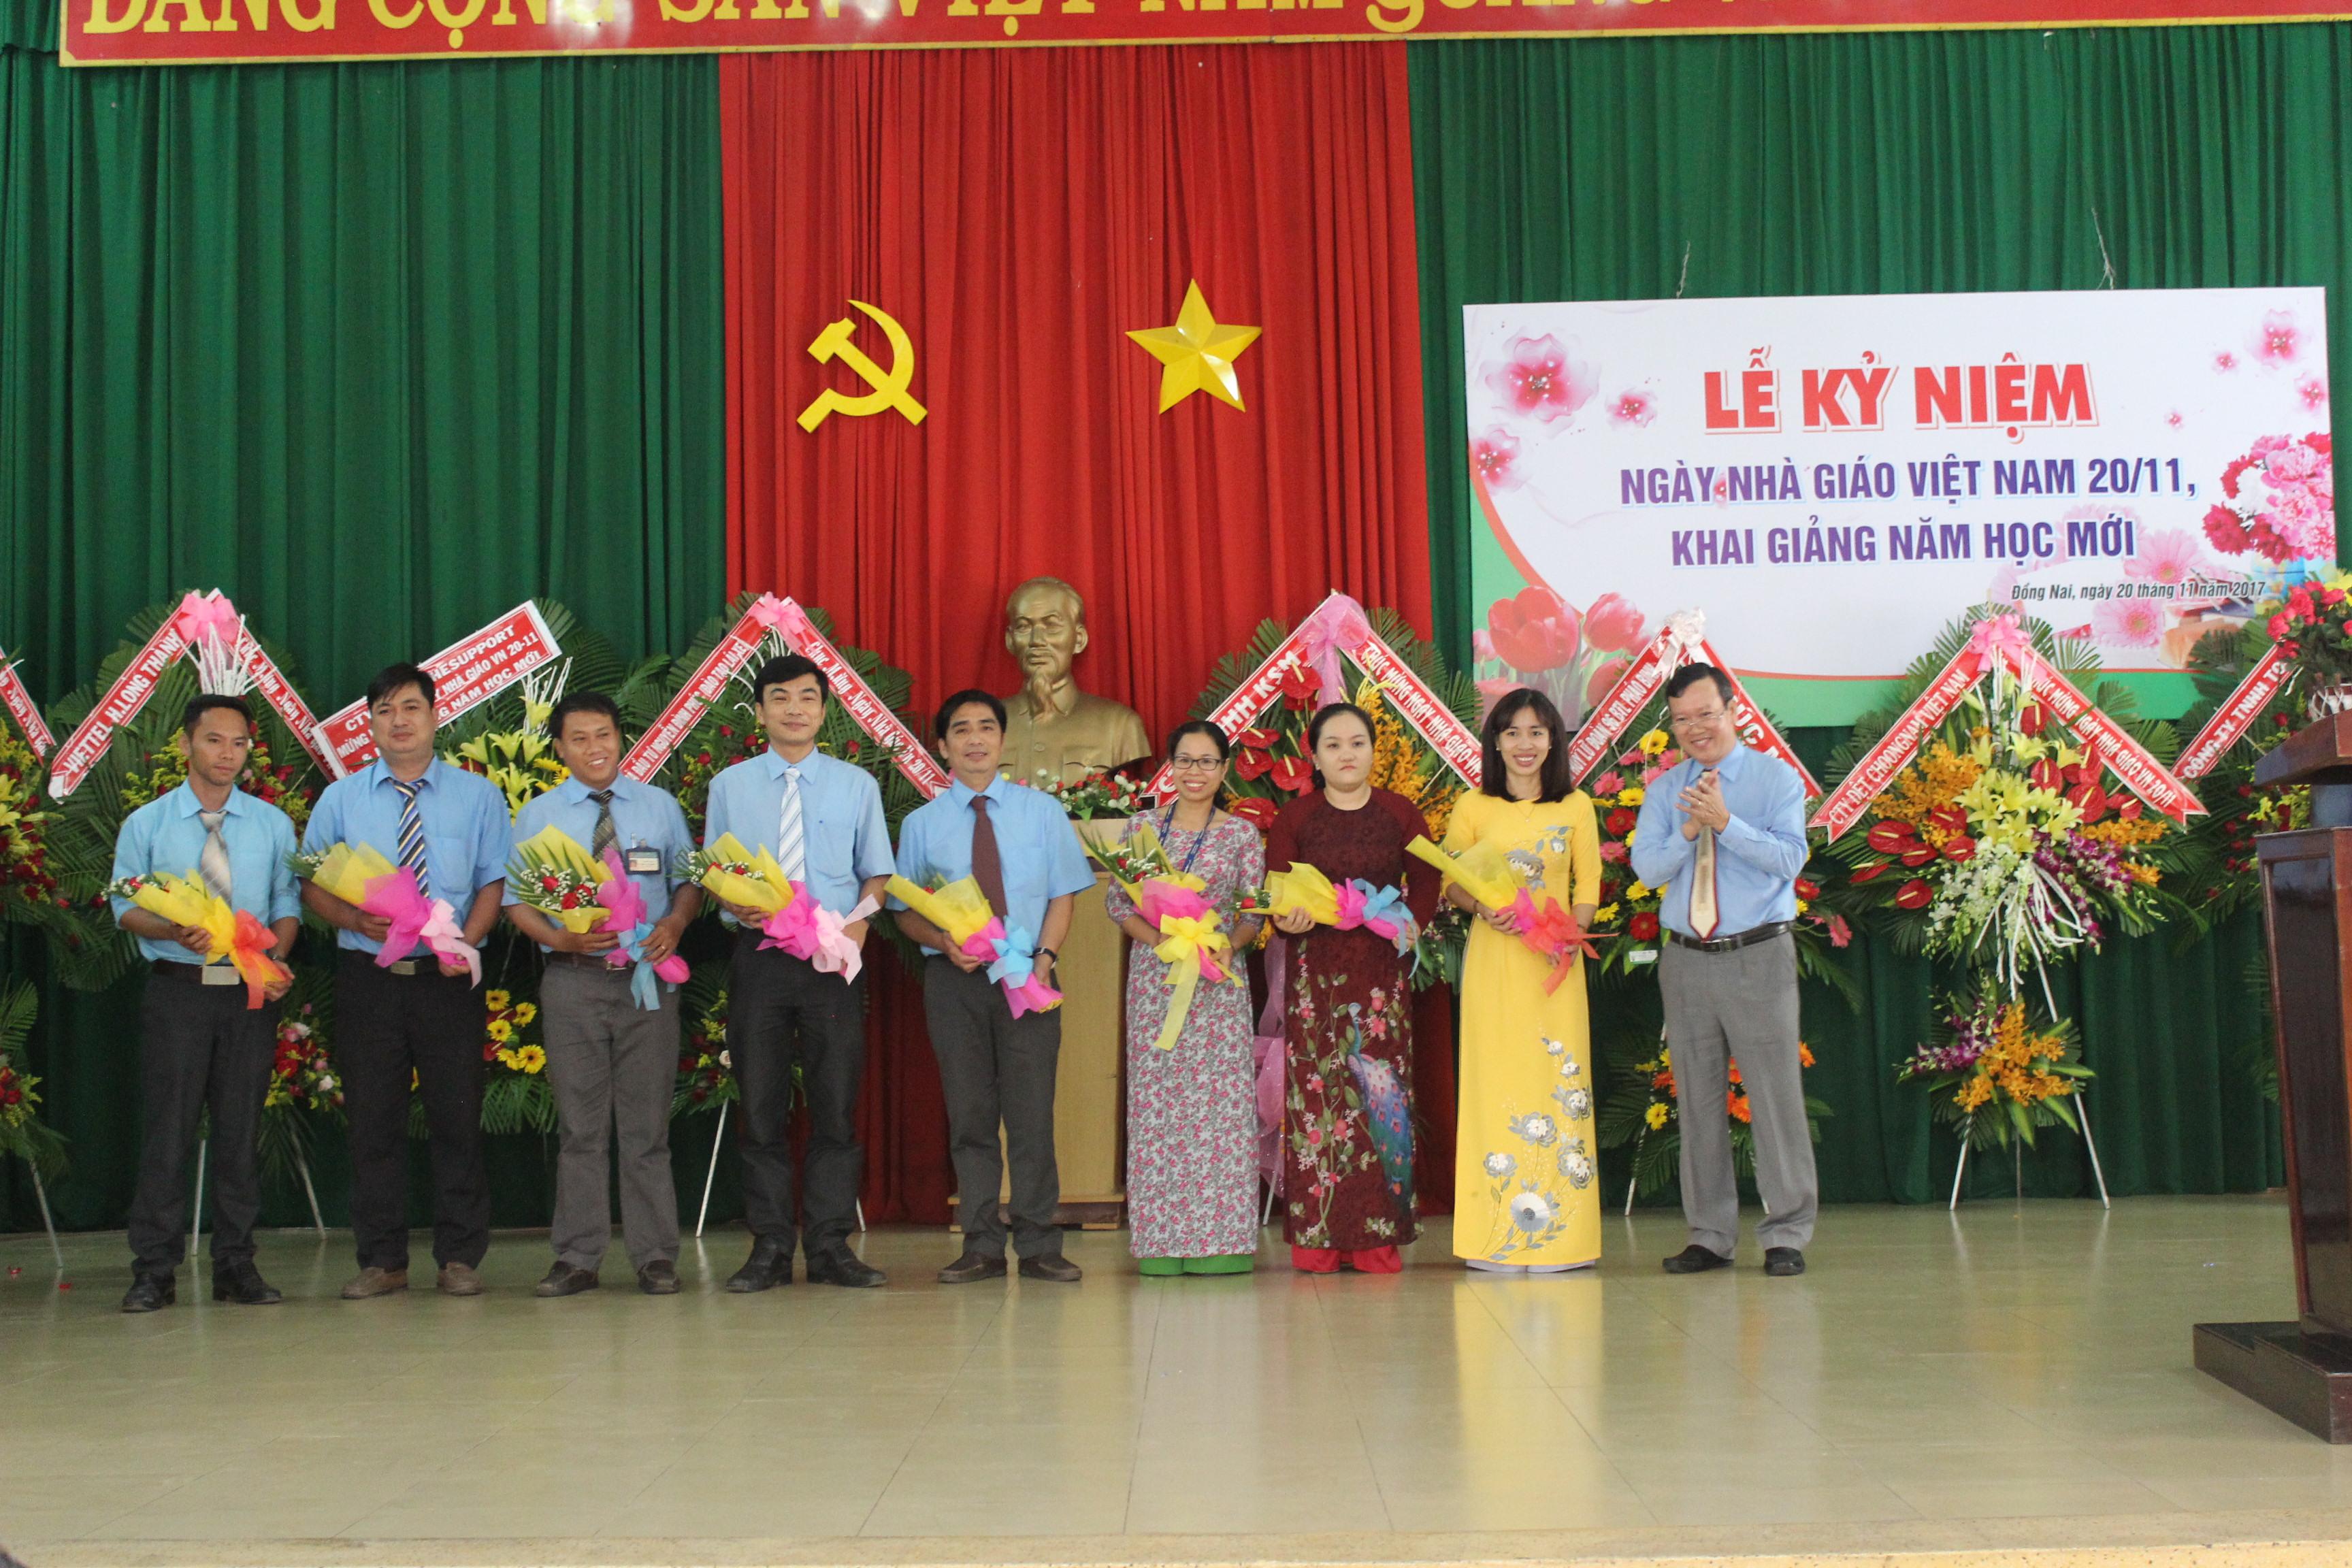 Tặng hoa cho CBGV nhân Ngày nhà giáo Việt Nam  20/11 (20/11/2017)